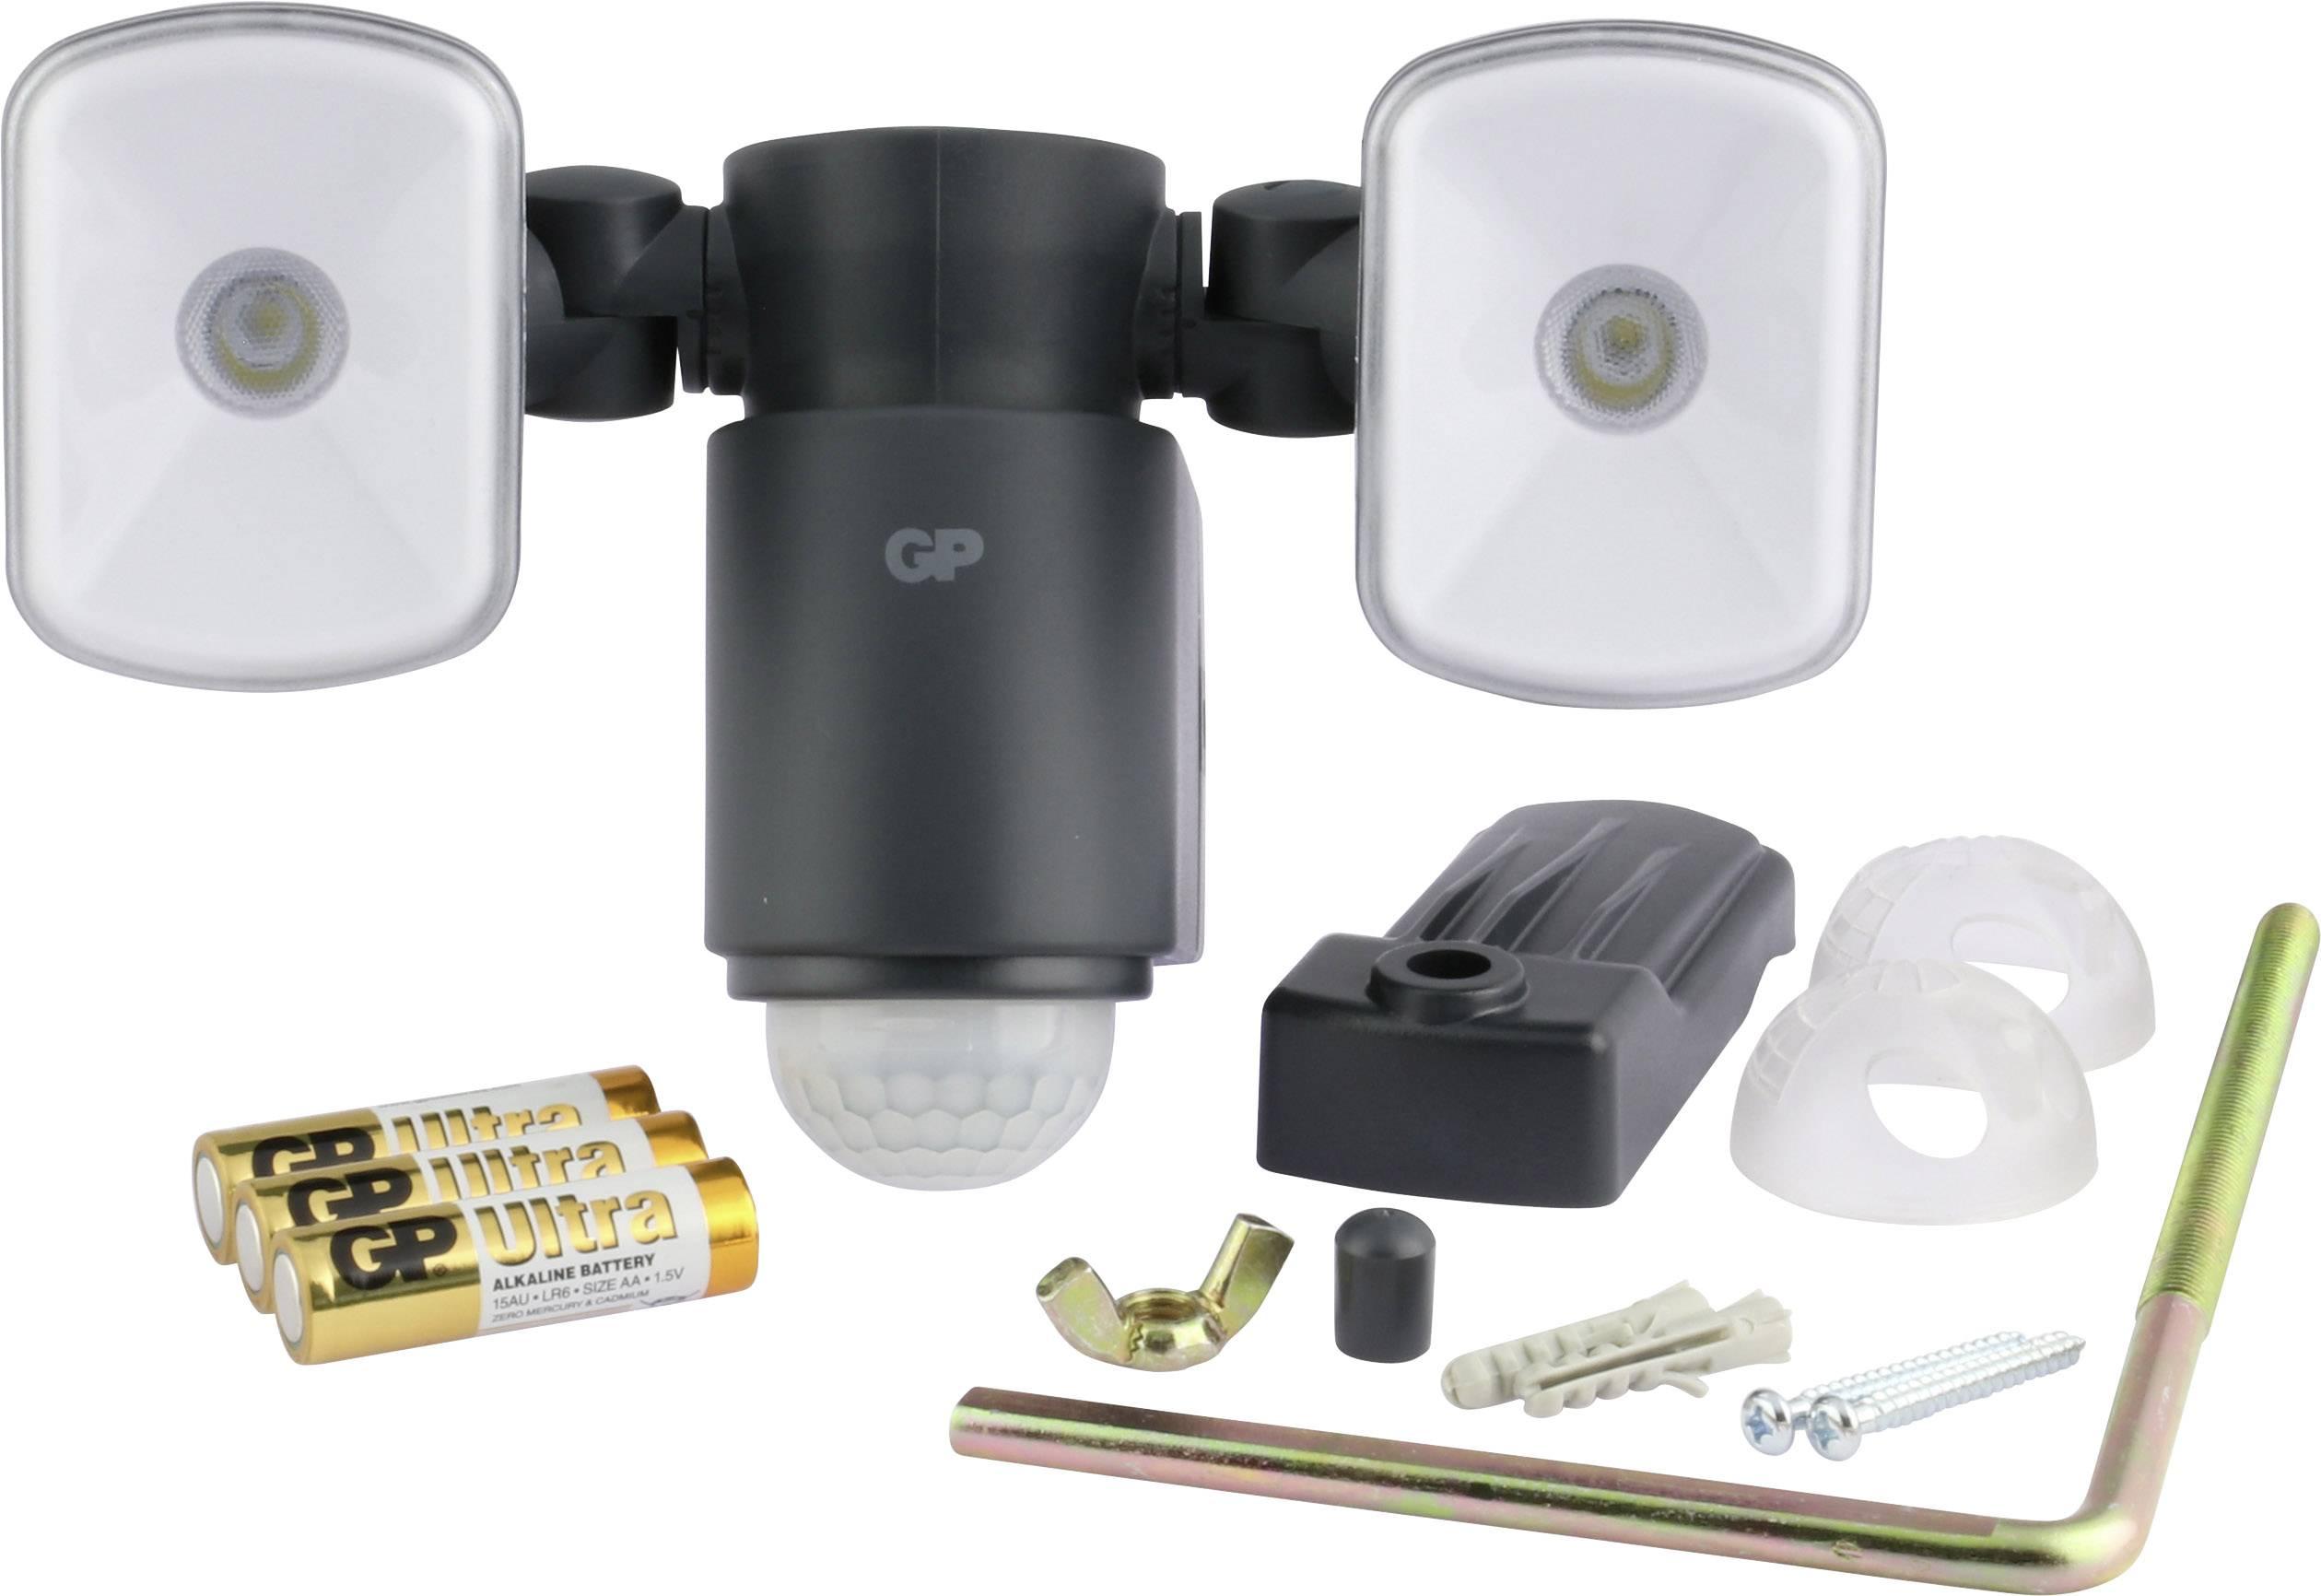 Projecteur led exterieur avec detecteur pas cher trendy - Projecteur led exterieur avec detecteur ...